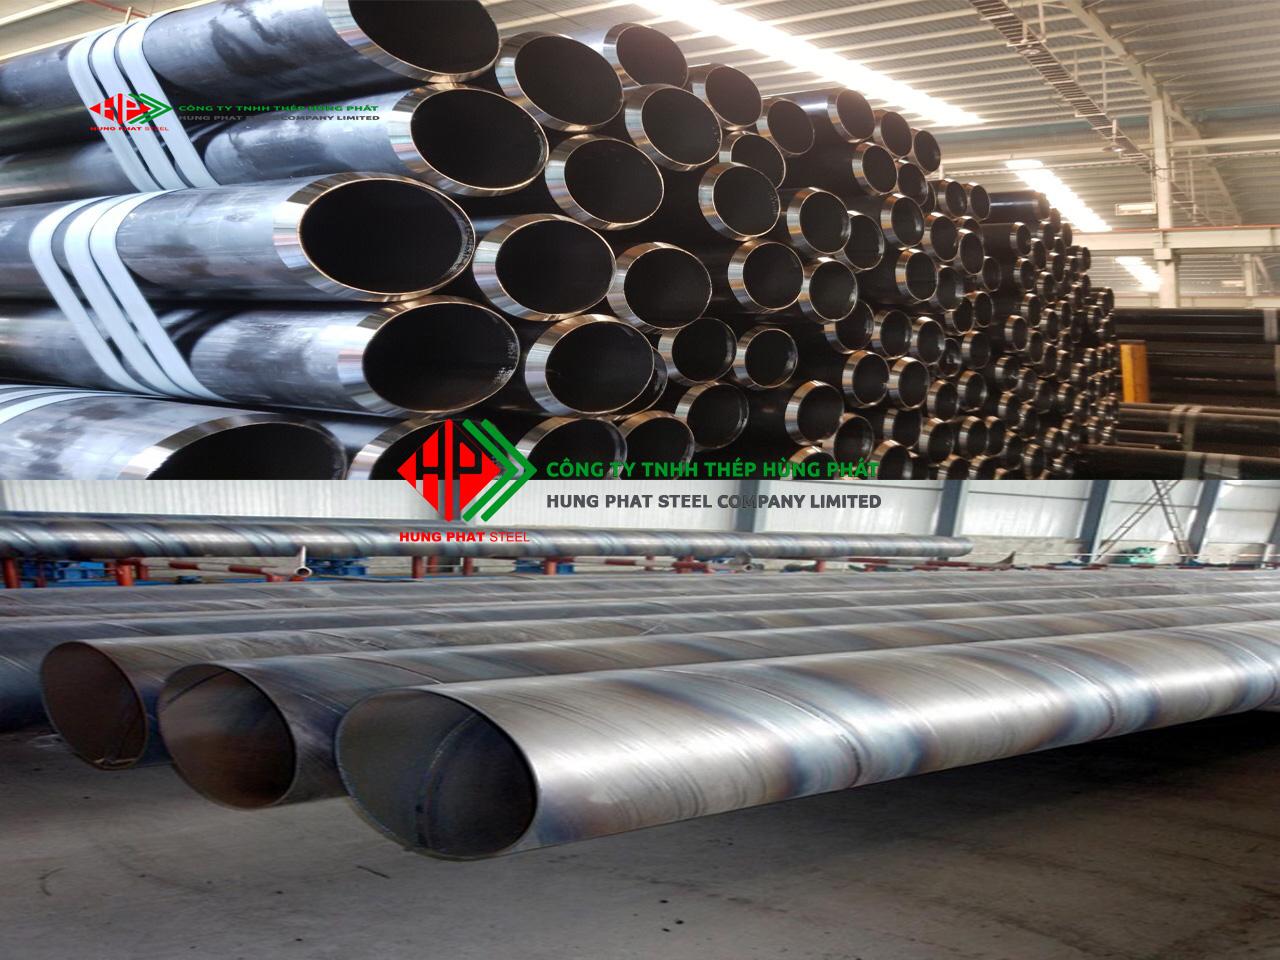 Phân loại ống thép đúc – Ống thép hàn